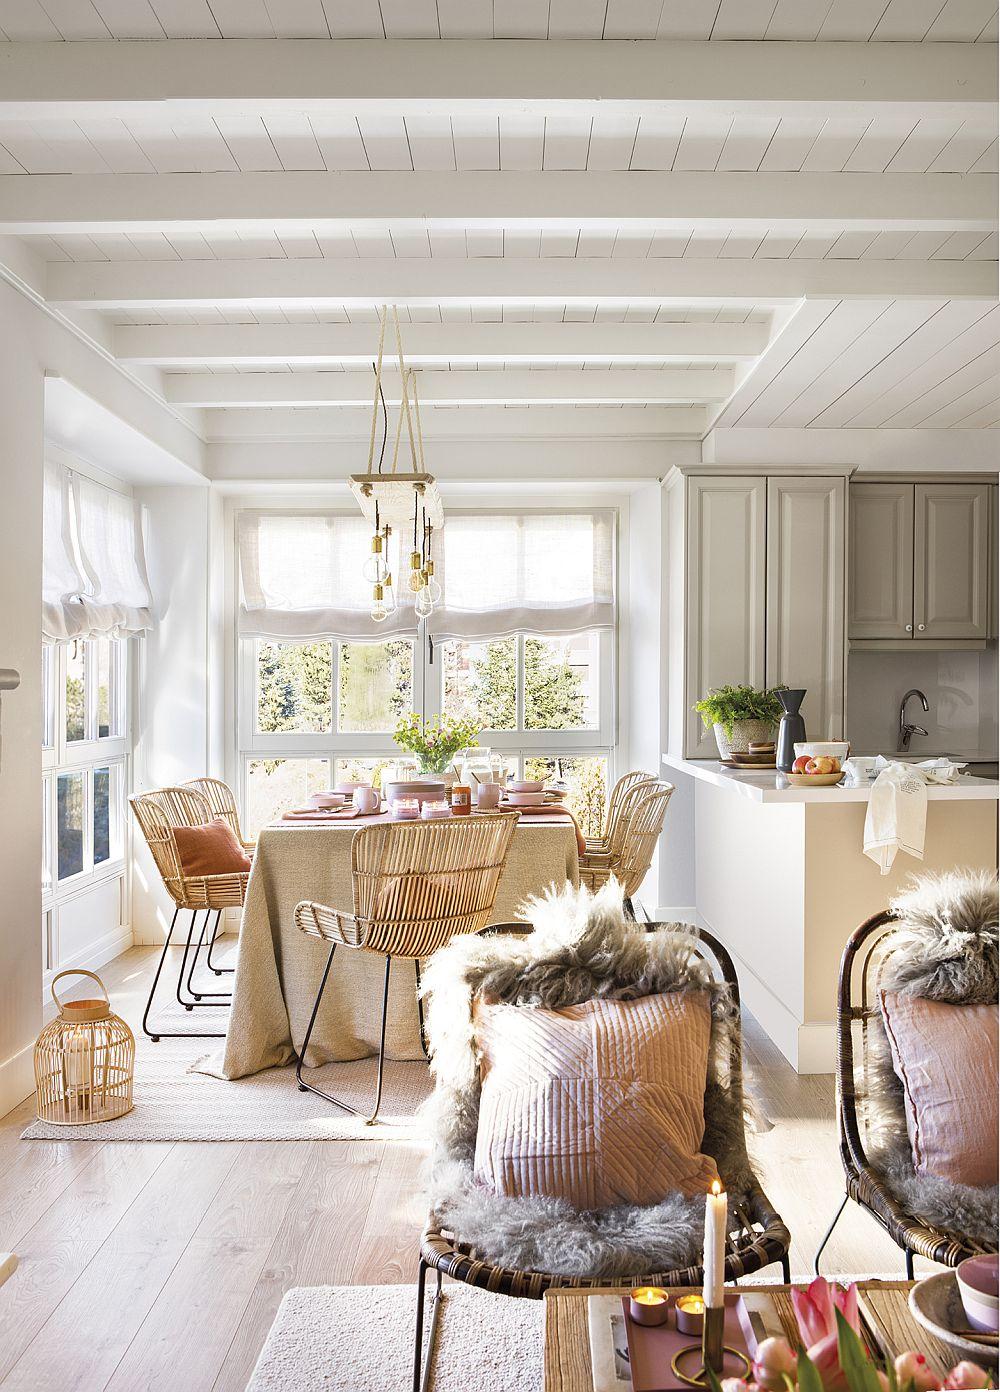 După decorare, atmosfera se simte mult mai intimă, mai familiară. Ai senzația de acasă. Dar contează foarte mult și faptul că prin decorațiuni s-au adus și pete de culoare la interior. Rozul pudrat se combină frumos cu bejurile și marourile deschise prezente și în fază inițială.